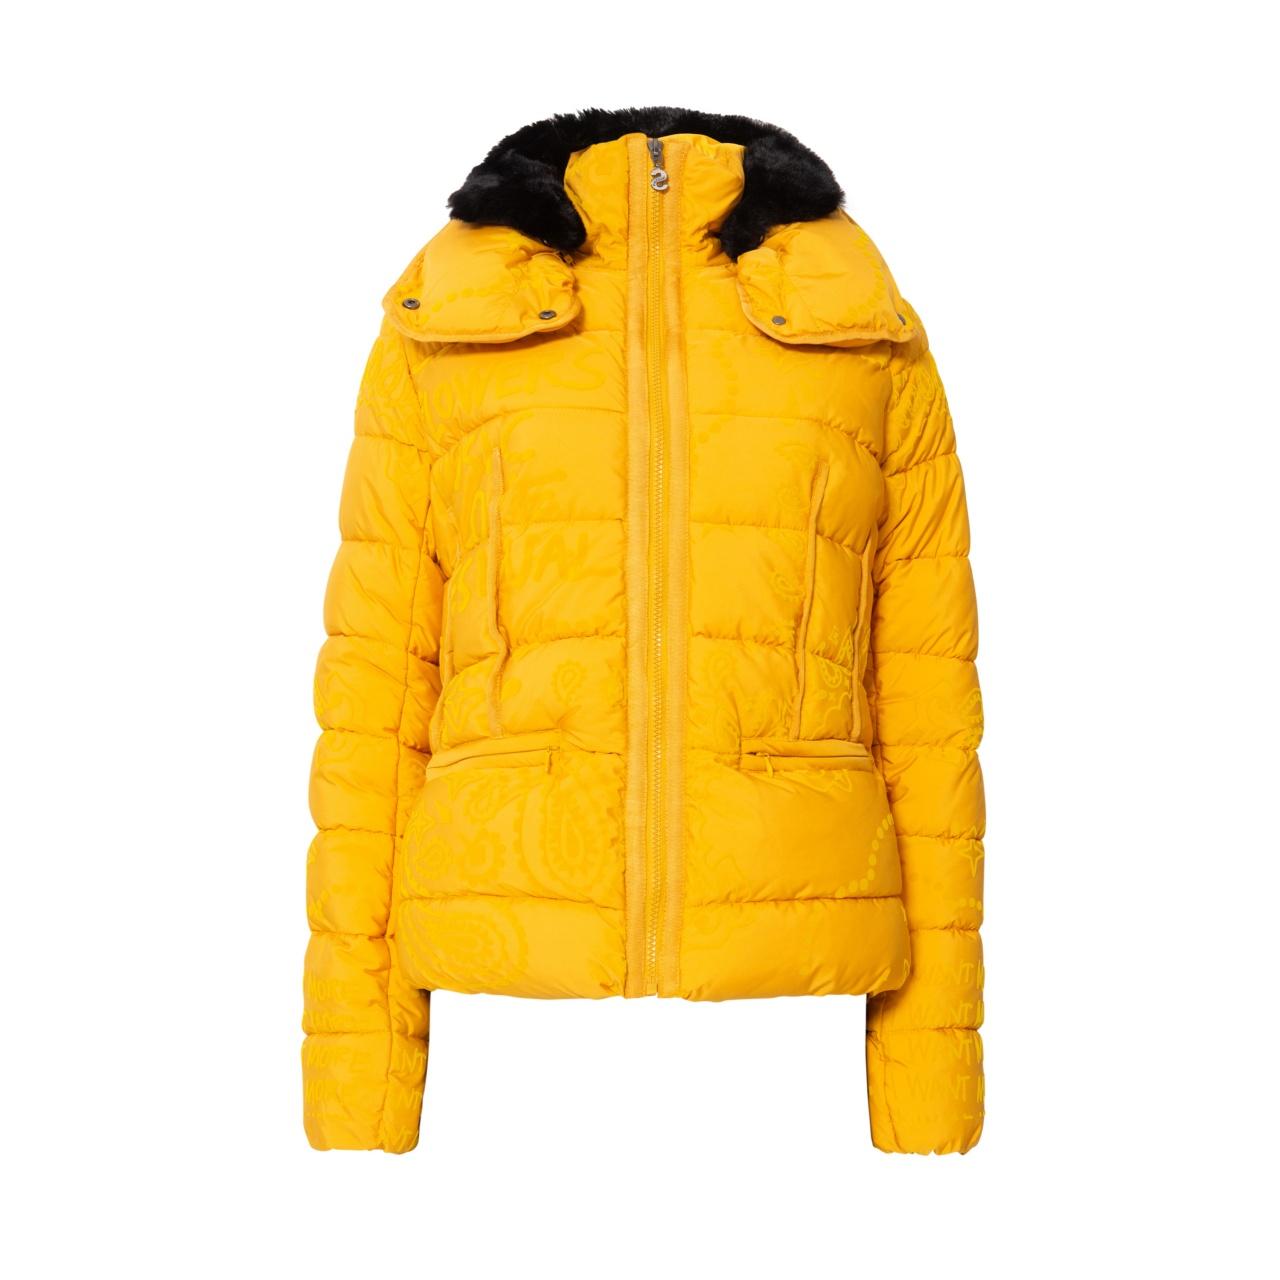 Geacă pentru femei Desigual Padded Sunna galben :: 42